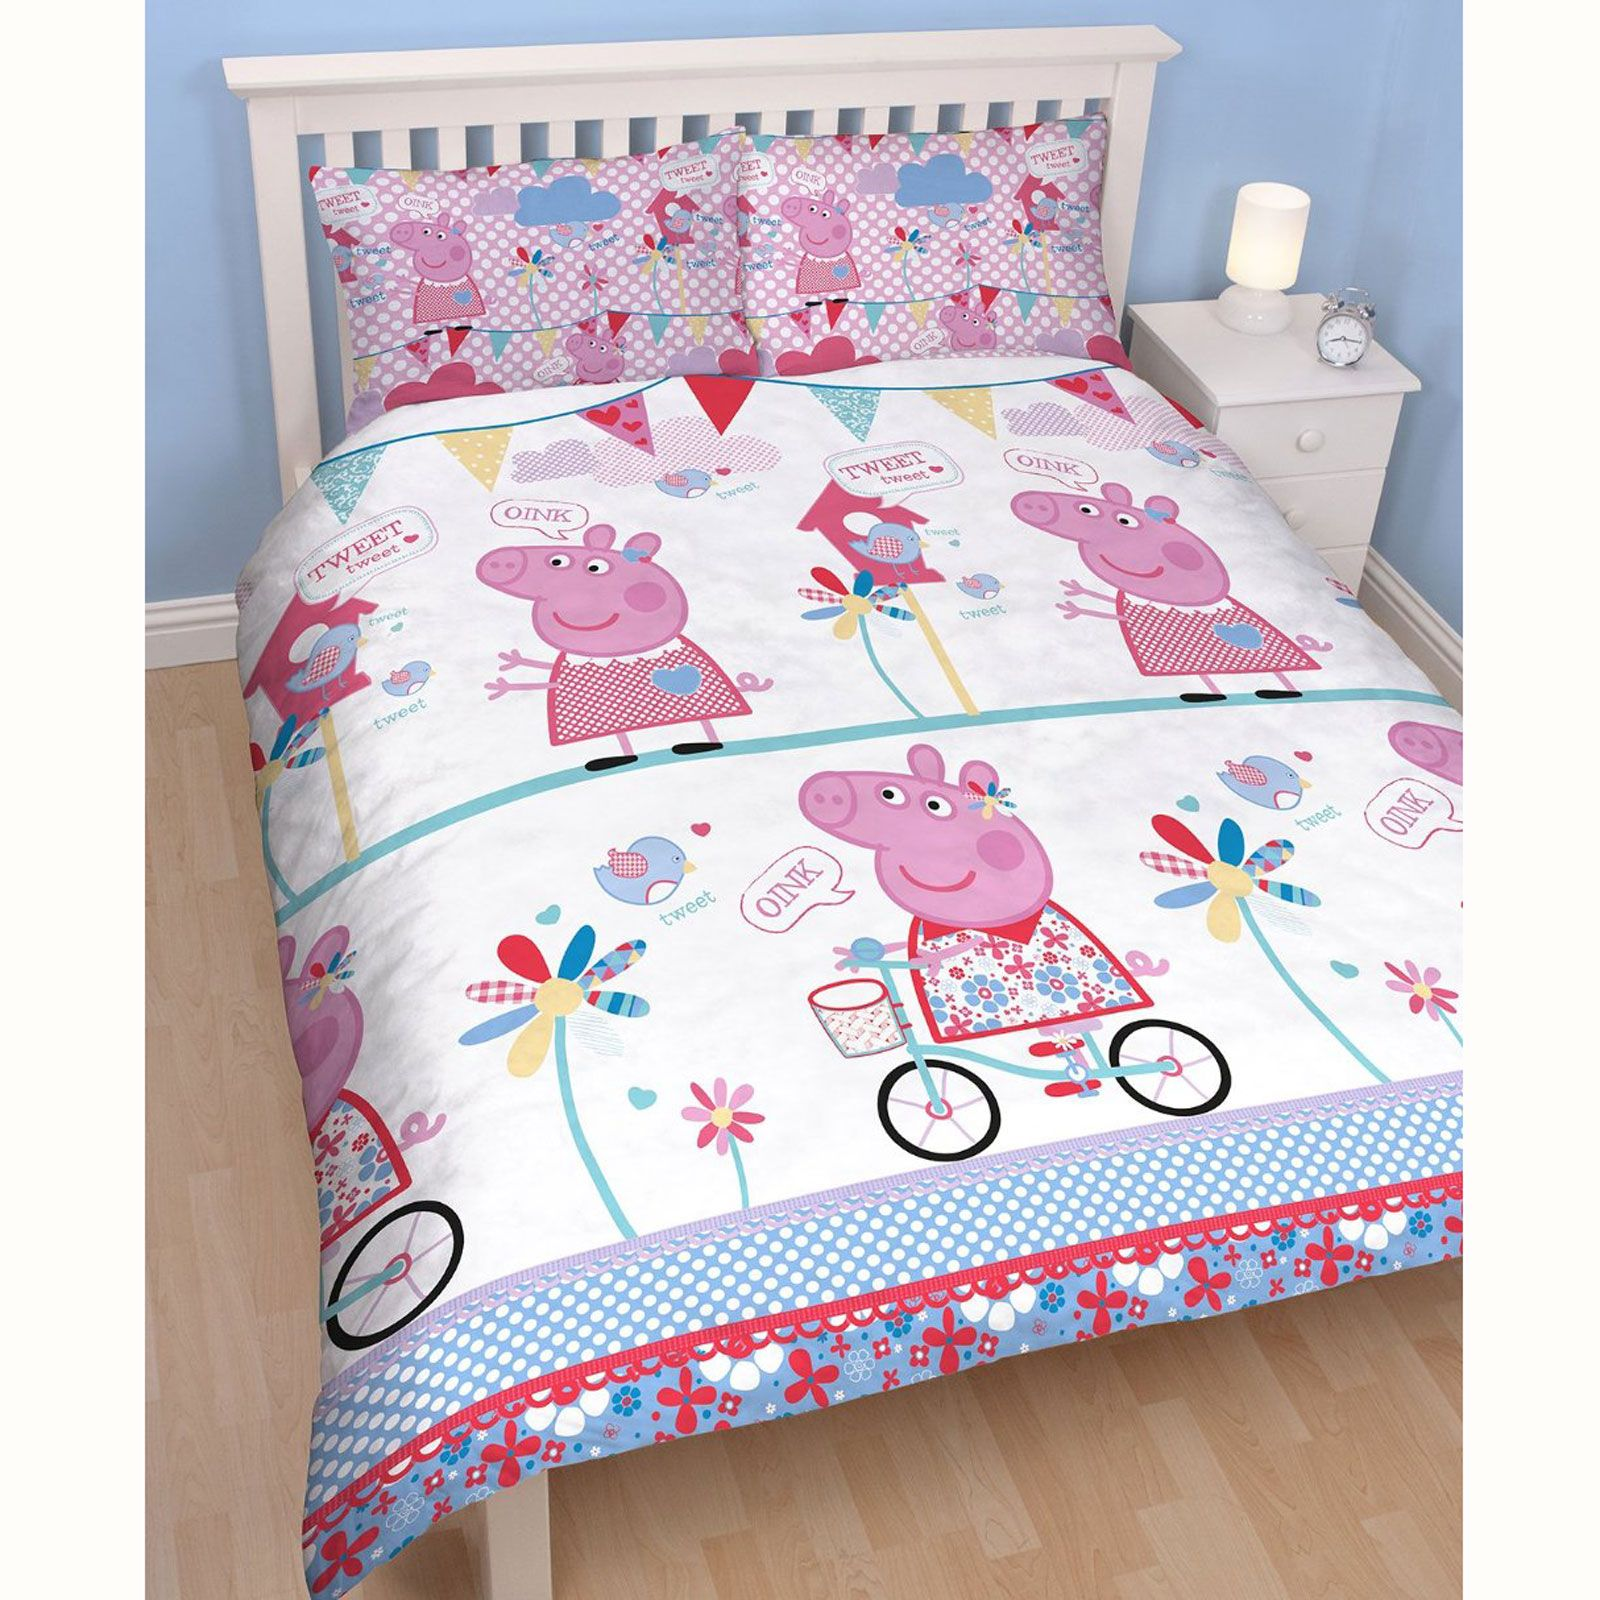 Peppa Pig Tweet Double Doona Cover Set New Kids Bedding